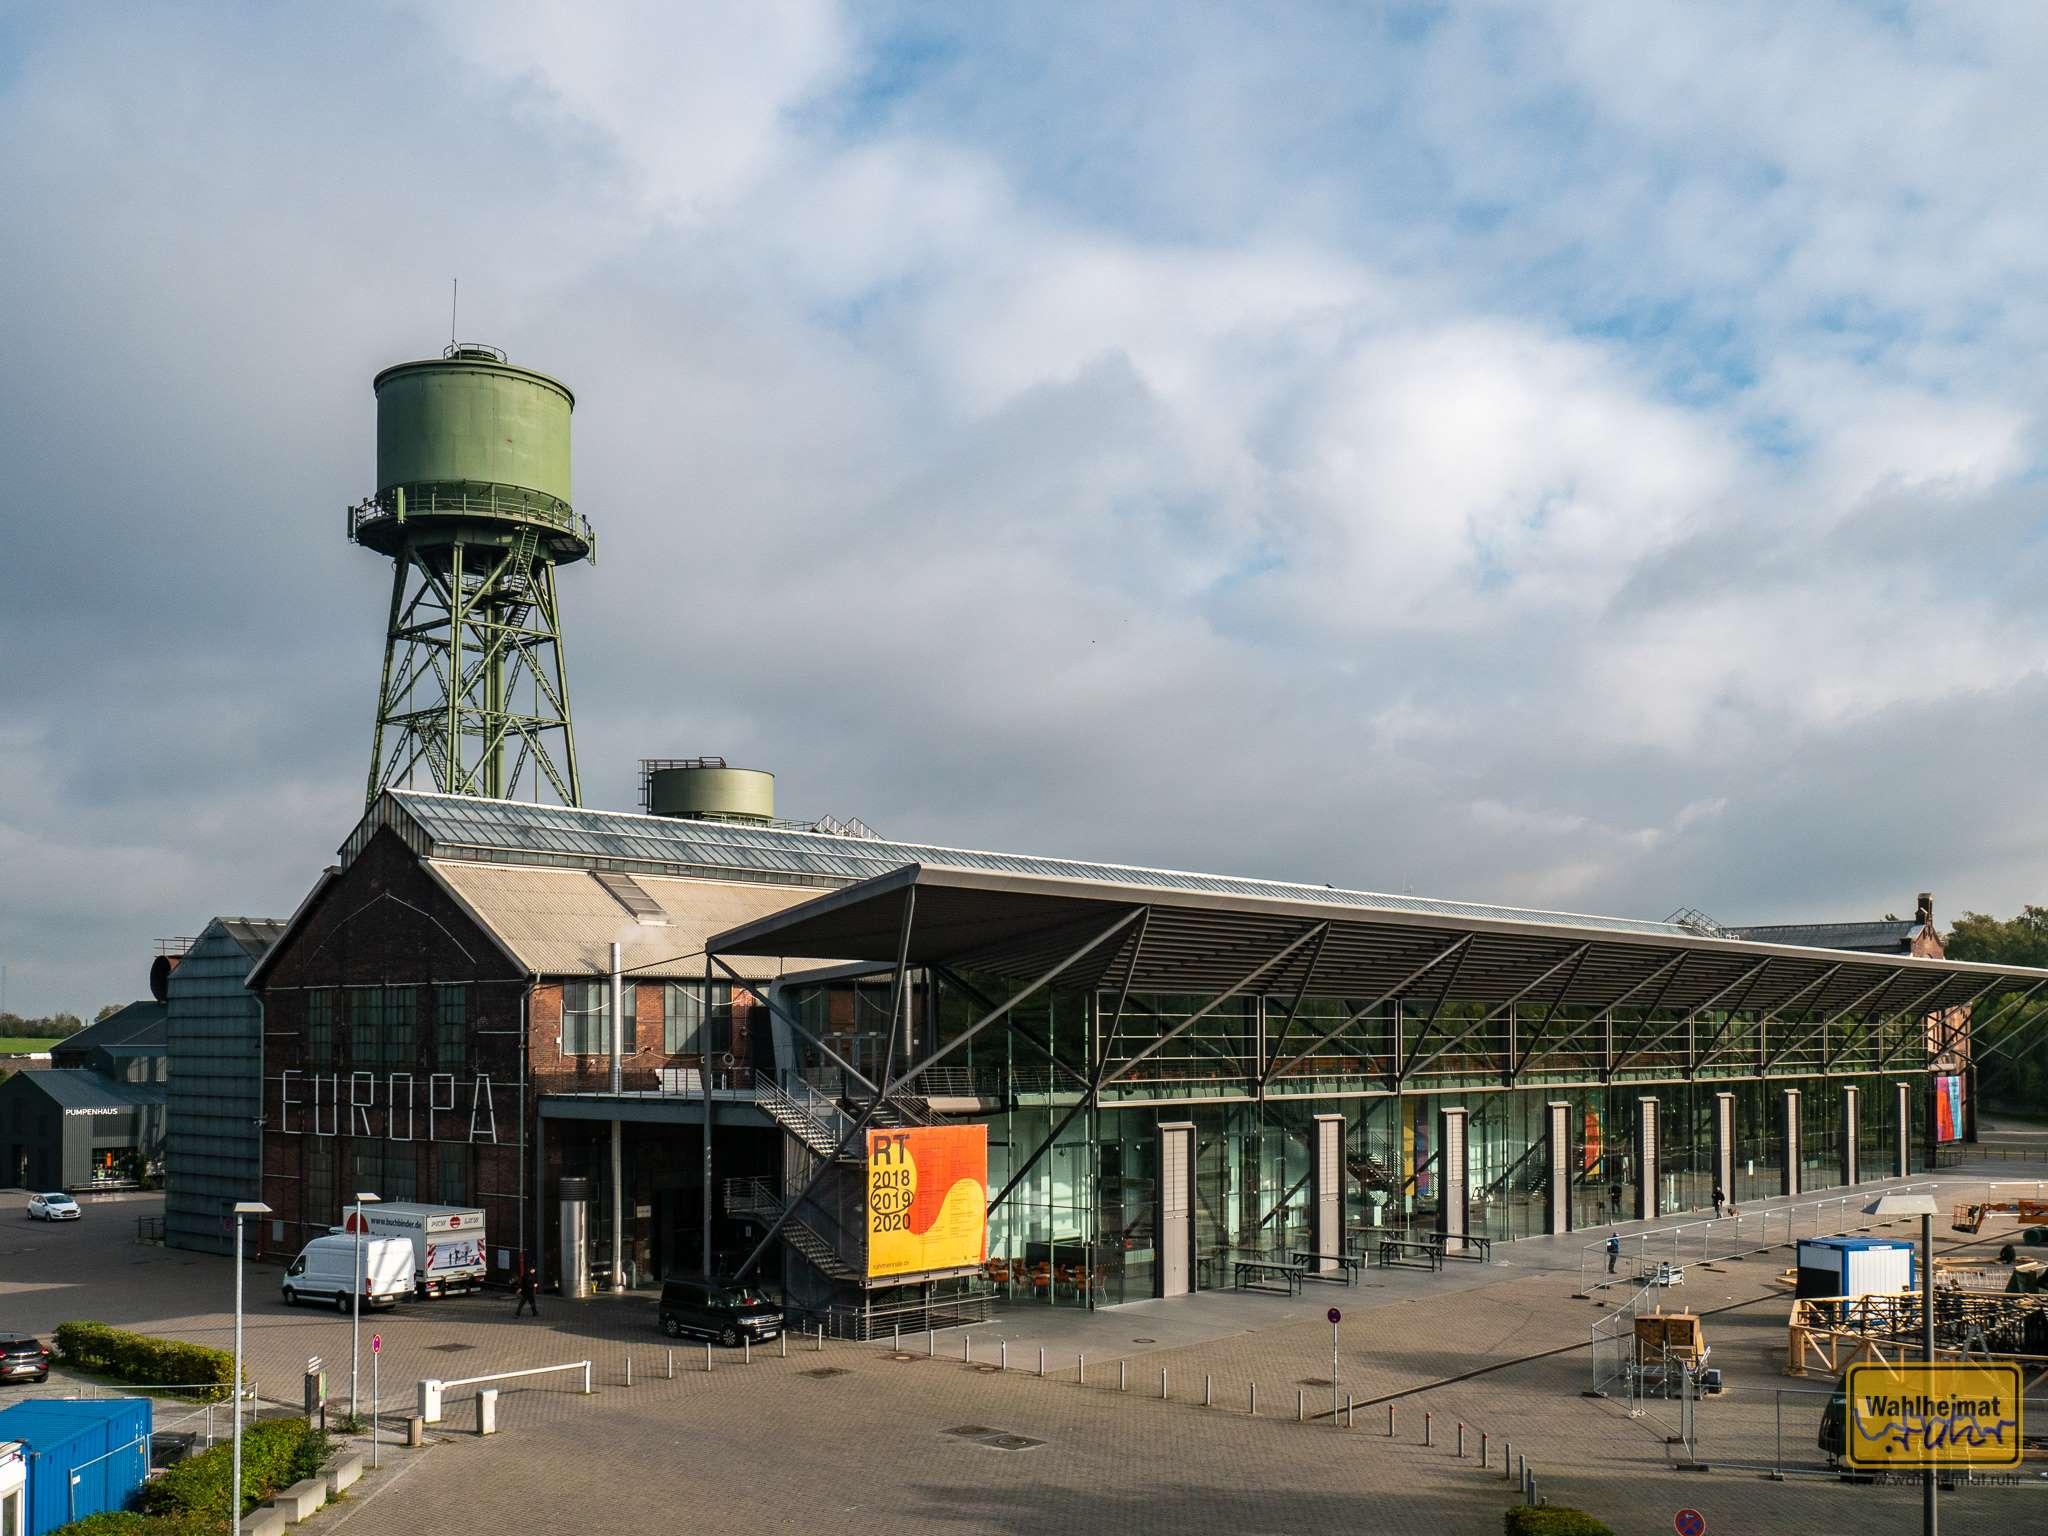 Die Jahrhunderthalle in Bochum ist mittlerweile ein etablierter Ort für Kultur, Events und Kunst. So finden hier nicht nur beispielsweise seit 2010 die Urbanatix-Vorstellungen statt, sondern die Ruhrtriiienale hat hier ebenfalls einen Schwerpunkt (hier werden gerade die Reste 2019 verräumt).